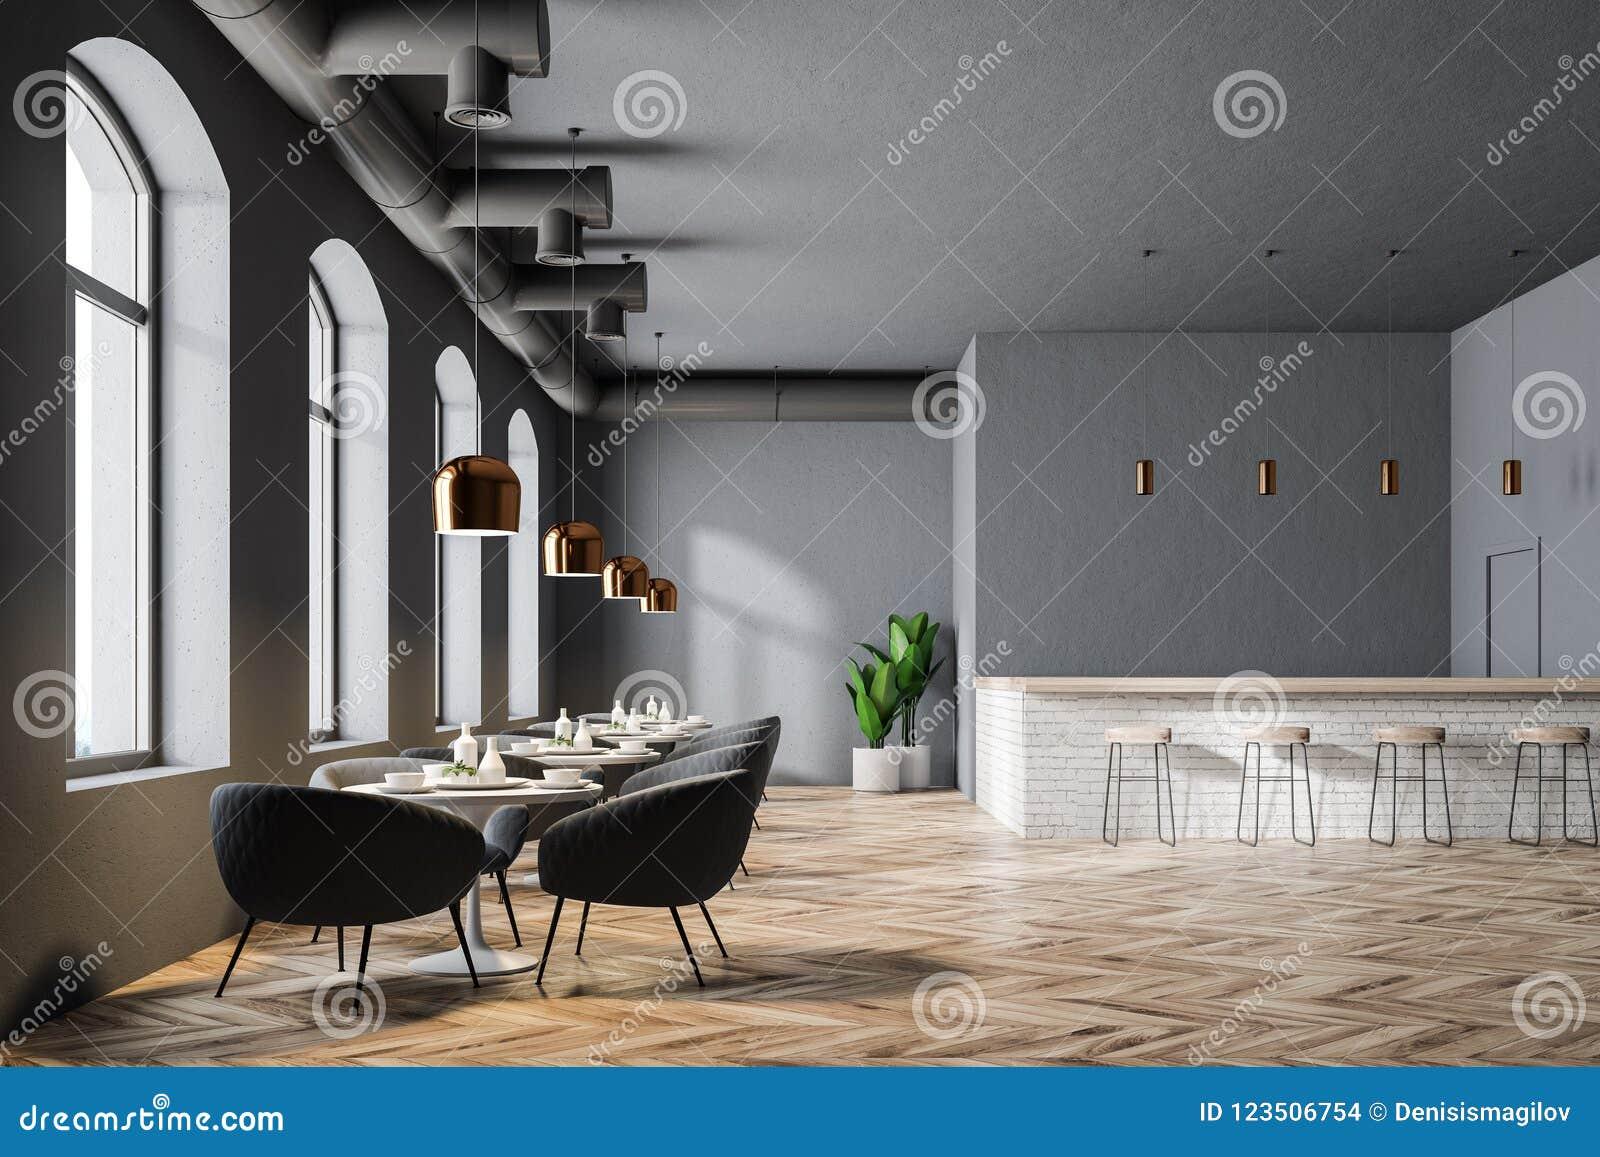 Gray Modern Restaurant Interior Stock Illustration - Illustration of ...